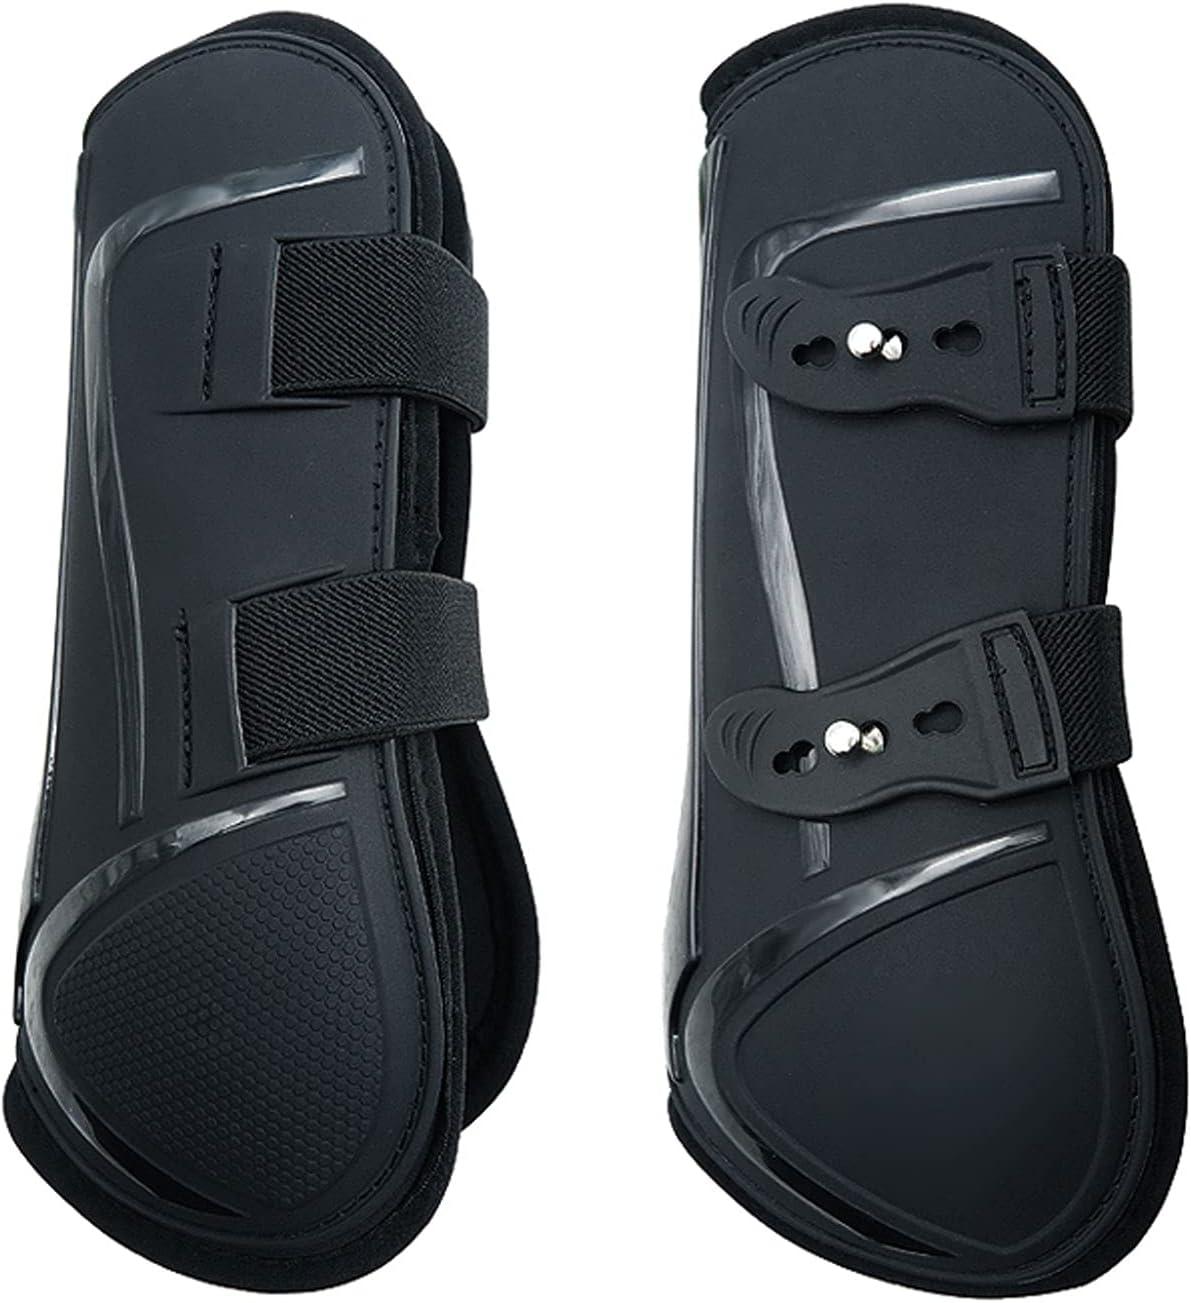 Botas del caballo de la PU, Wearable la bota ajustable de la pierna del caballo con el choque interno suave absorben mantienen las botas calientes del caballo para Junmping (Pata delantera M)